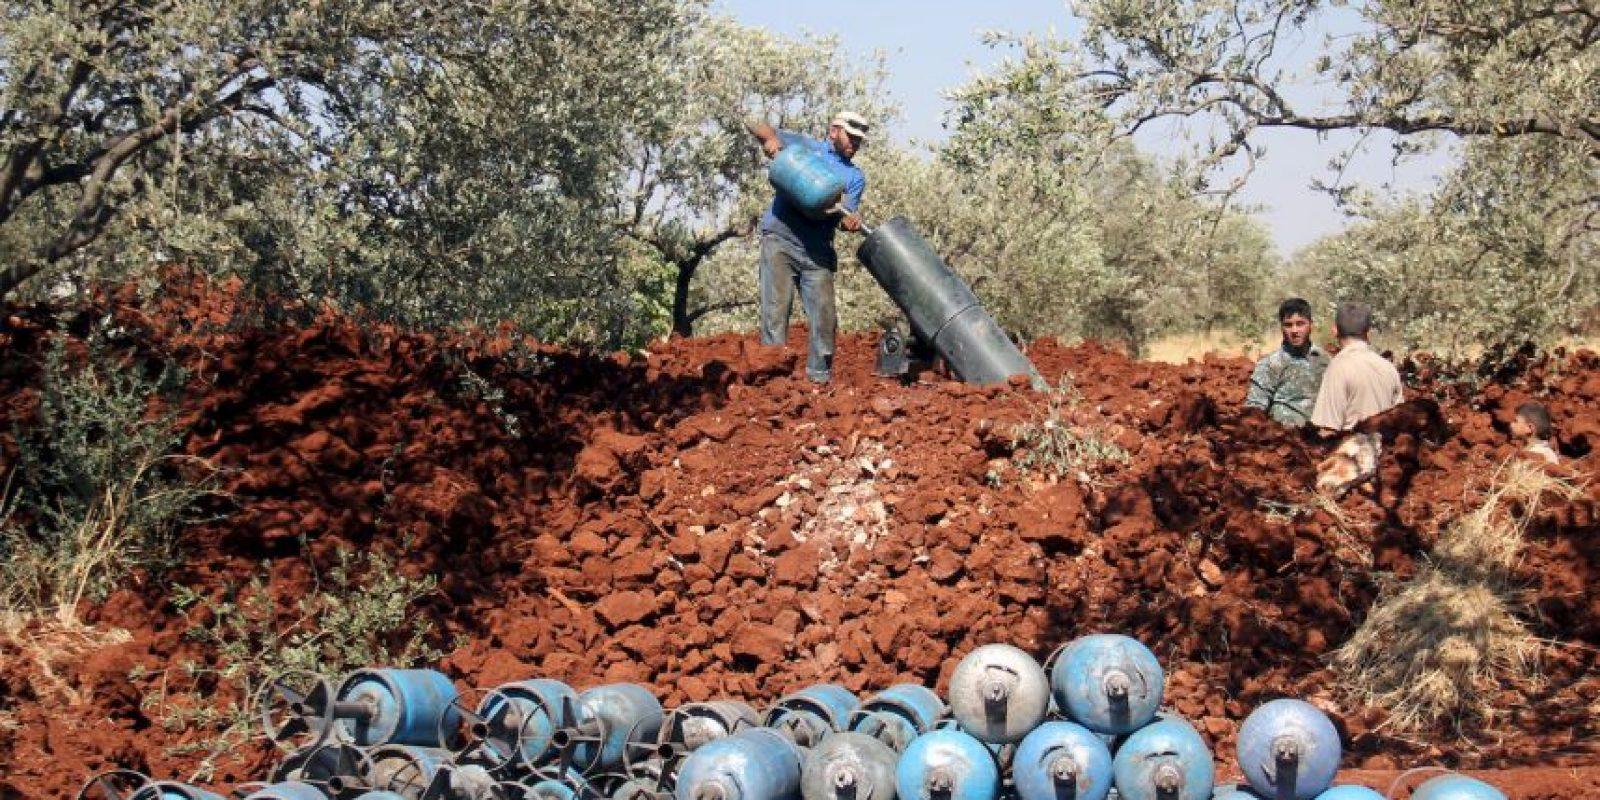 Combatientes rebeldes en Siria con morteros de fabricación casera. Foto:AFP